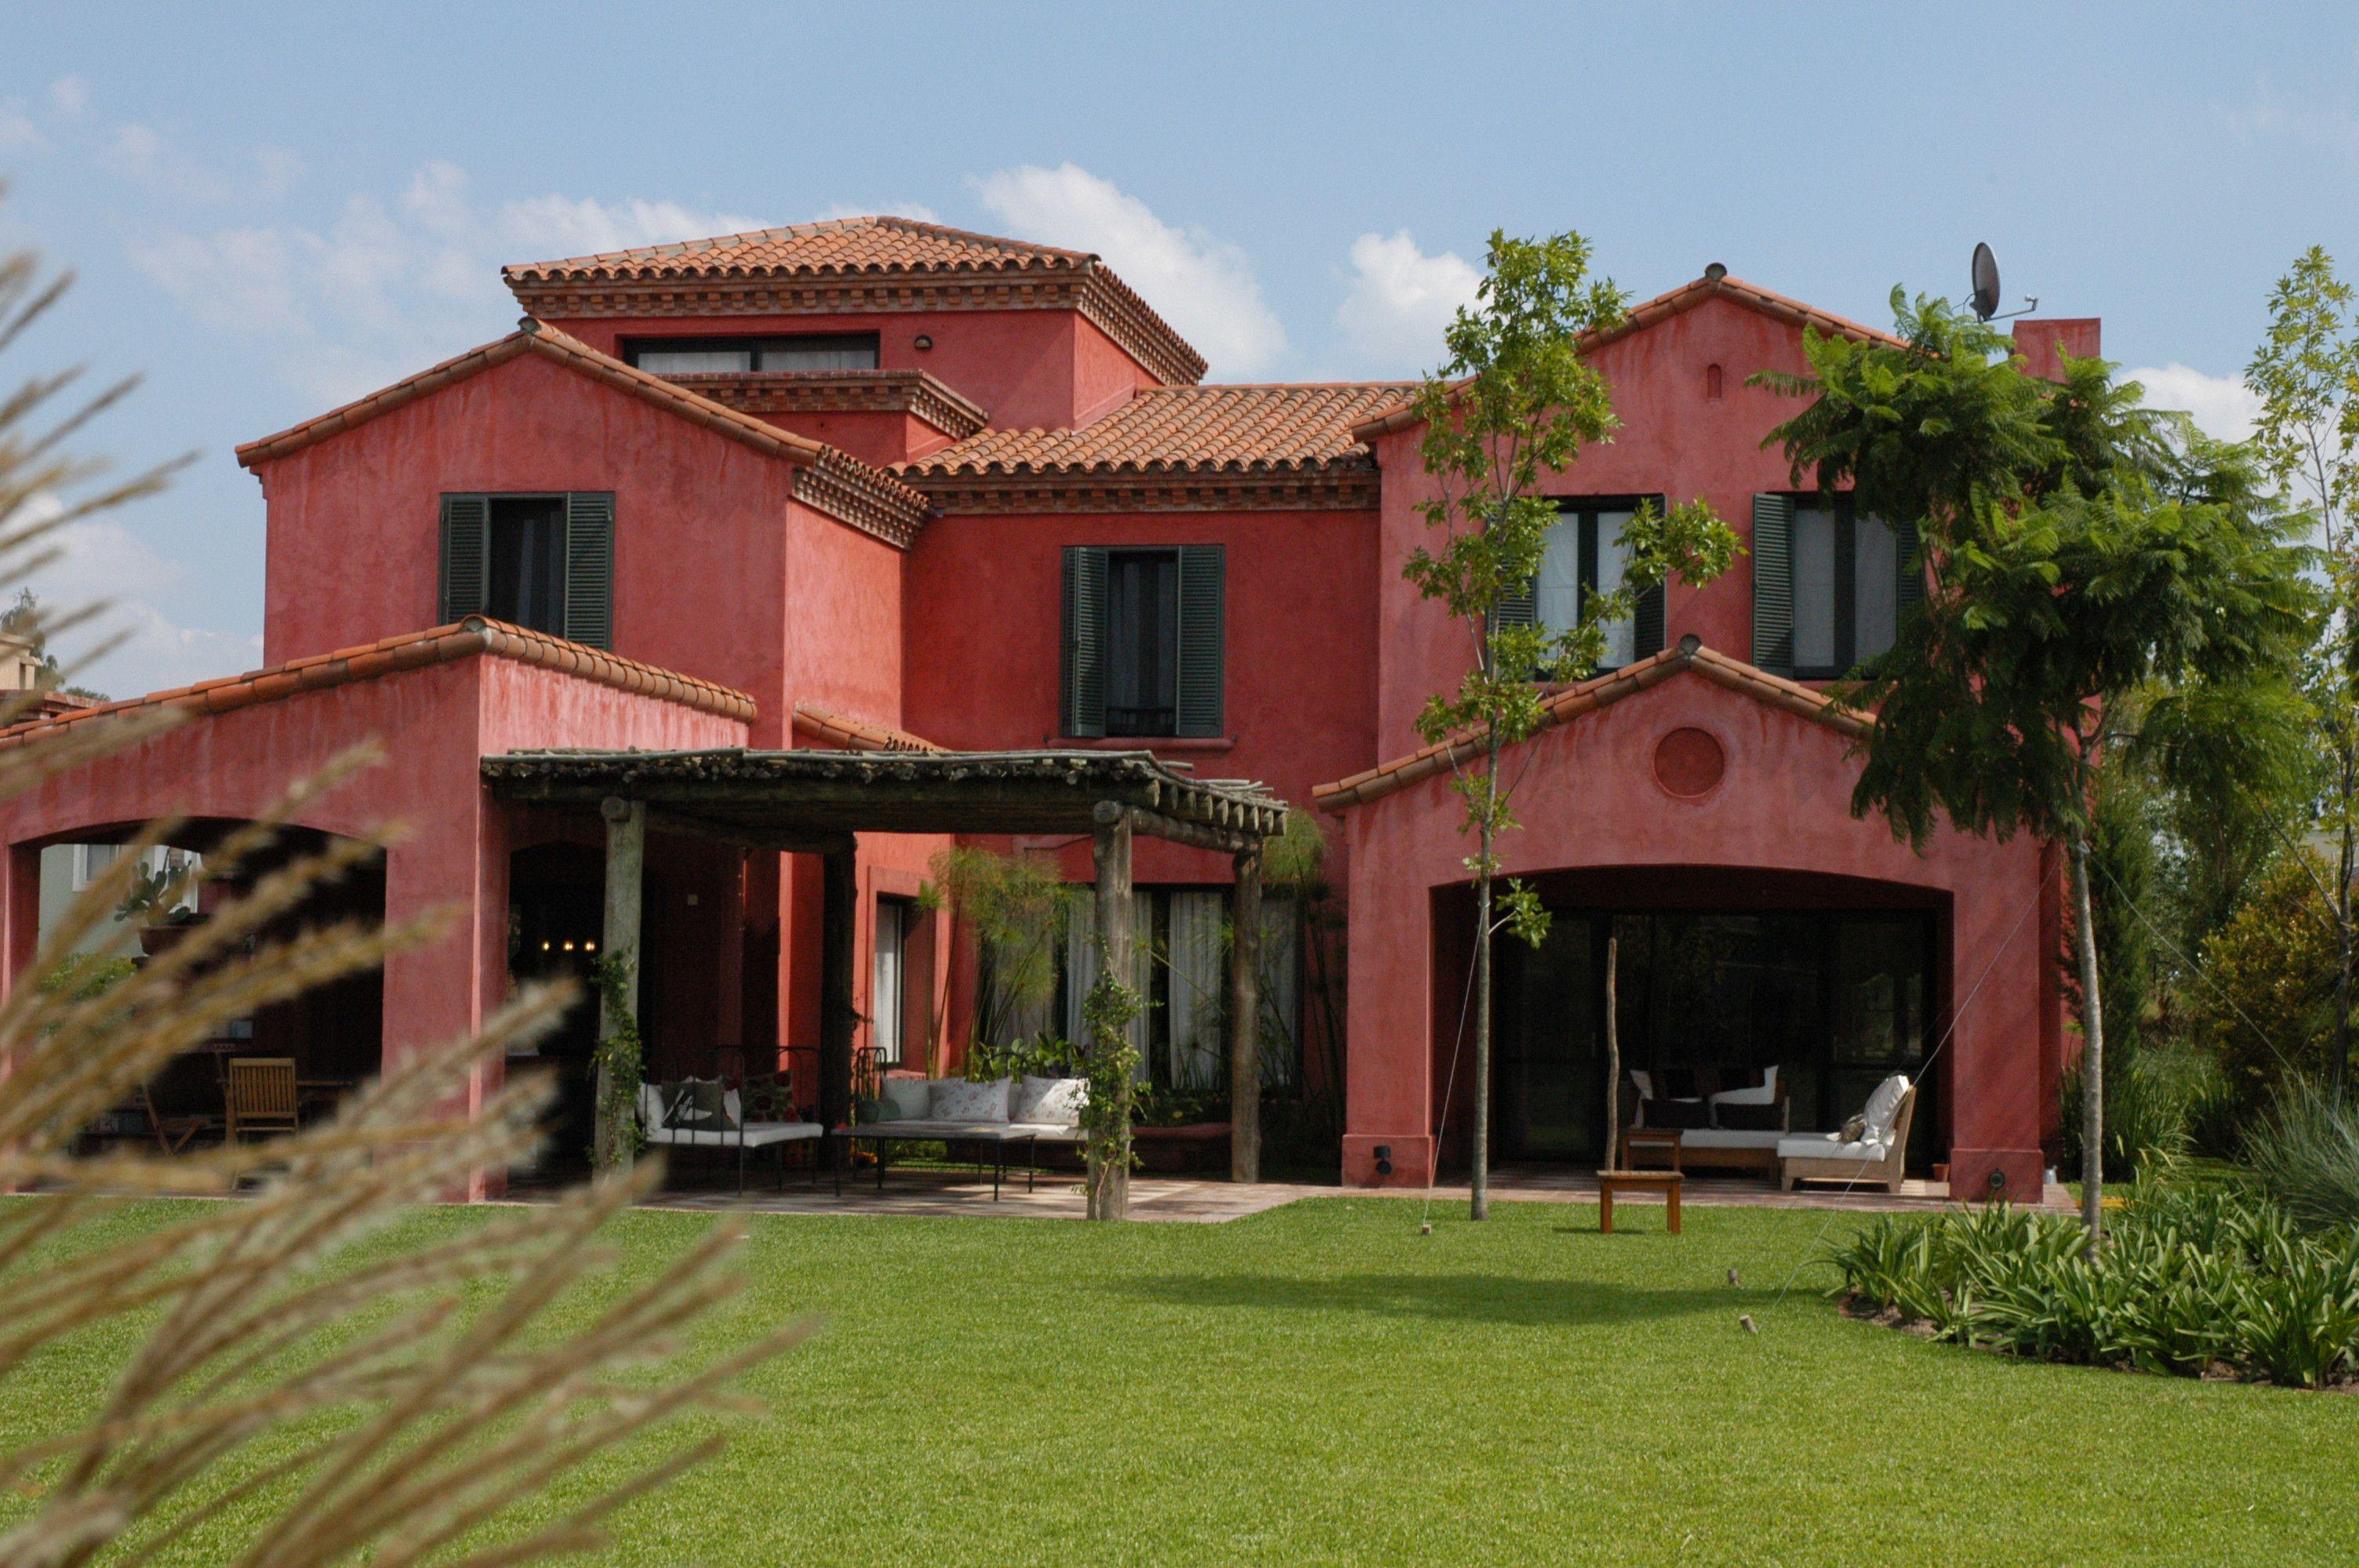 Arquitectura paisajismo ricardo pereyra iraola for Fachadas de casas clasicas